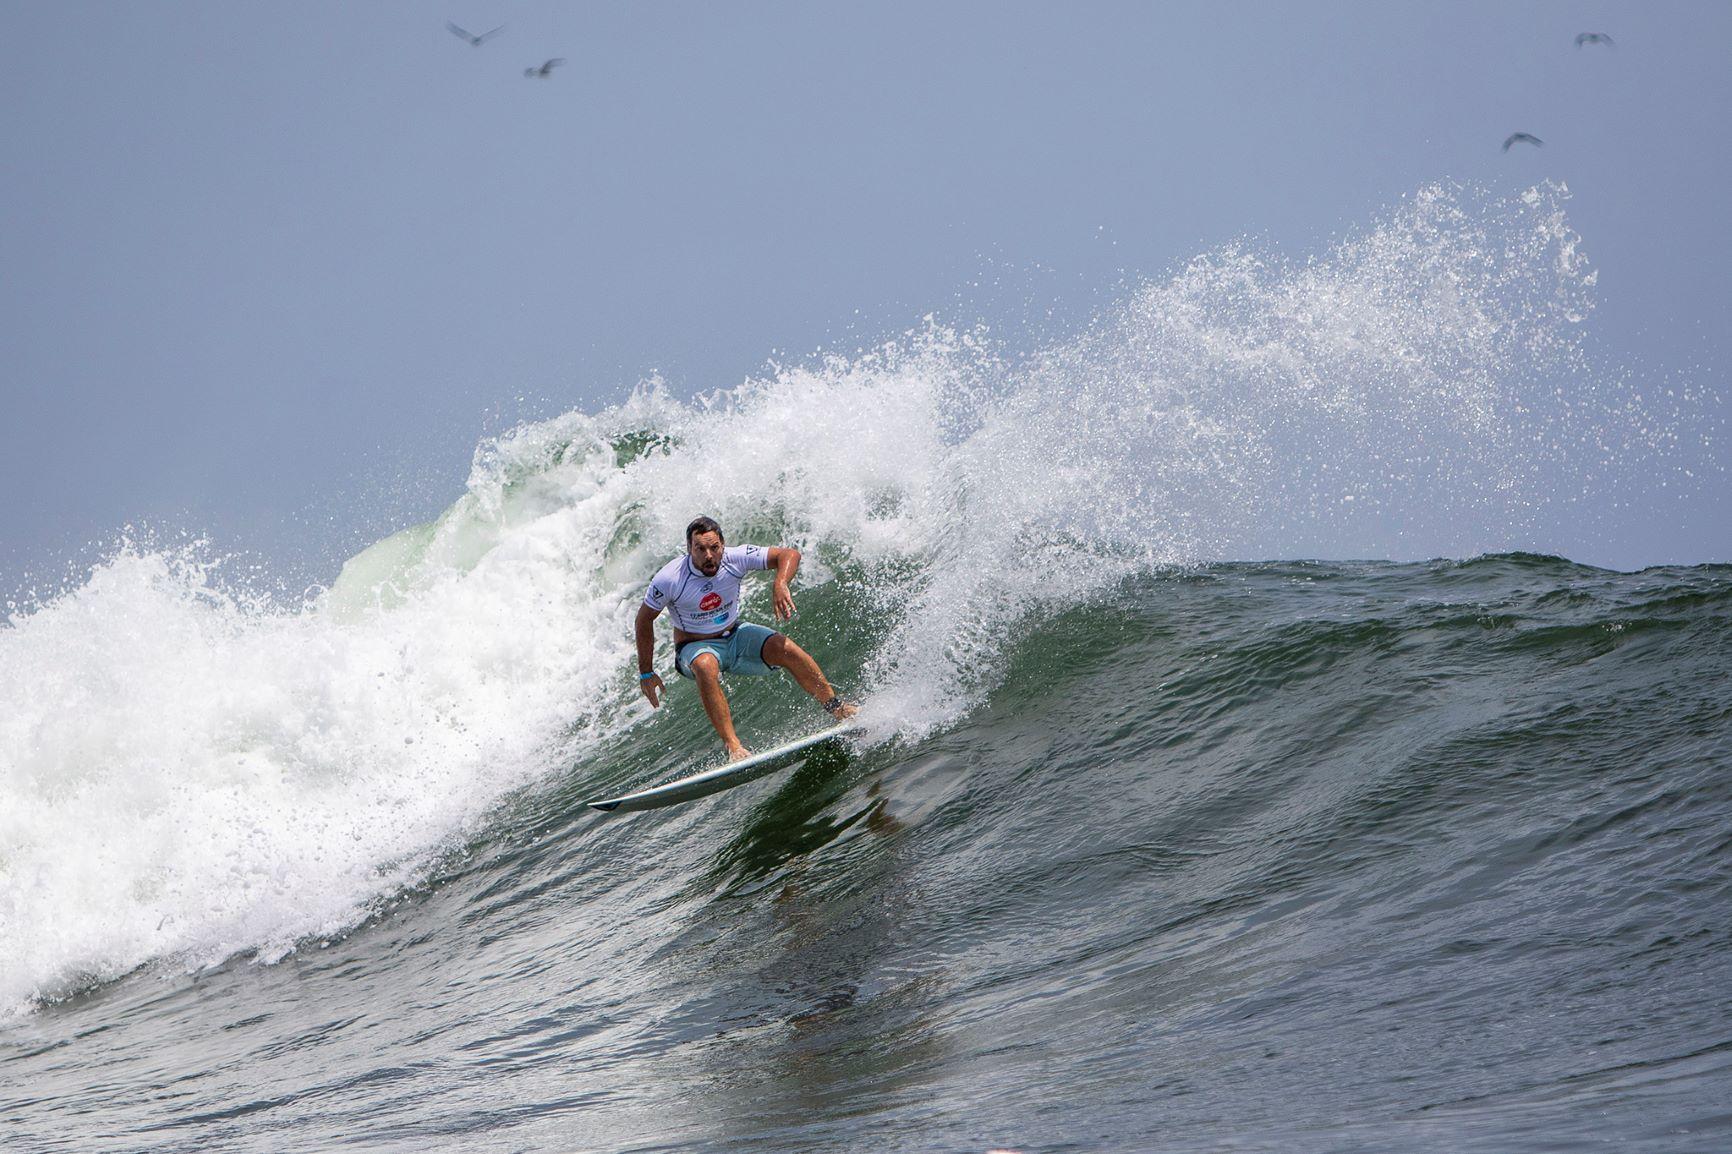 Arrancó el Mundial de surf en Punta Hermosa